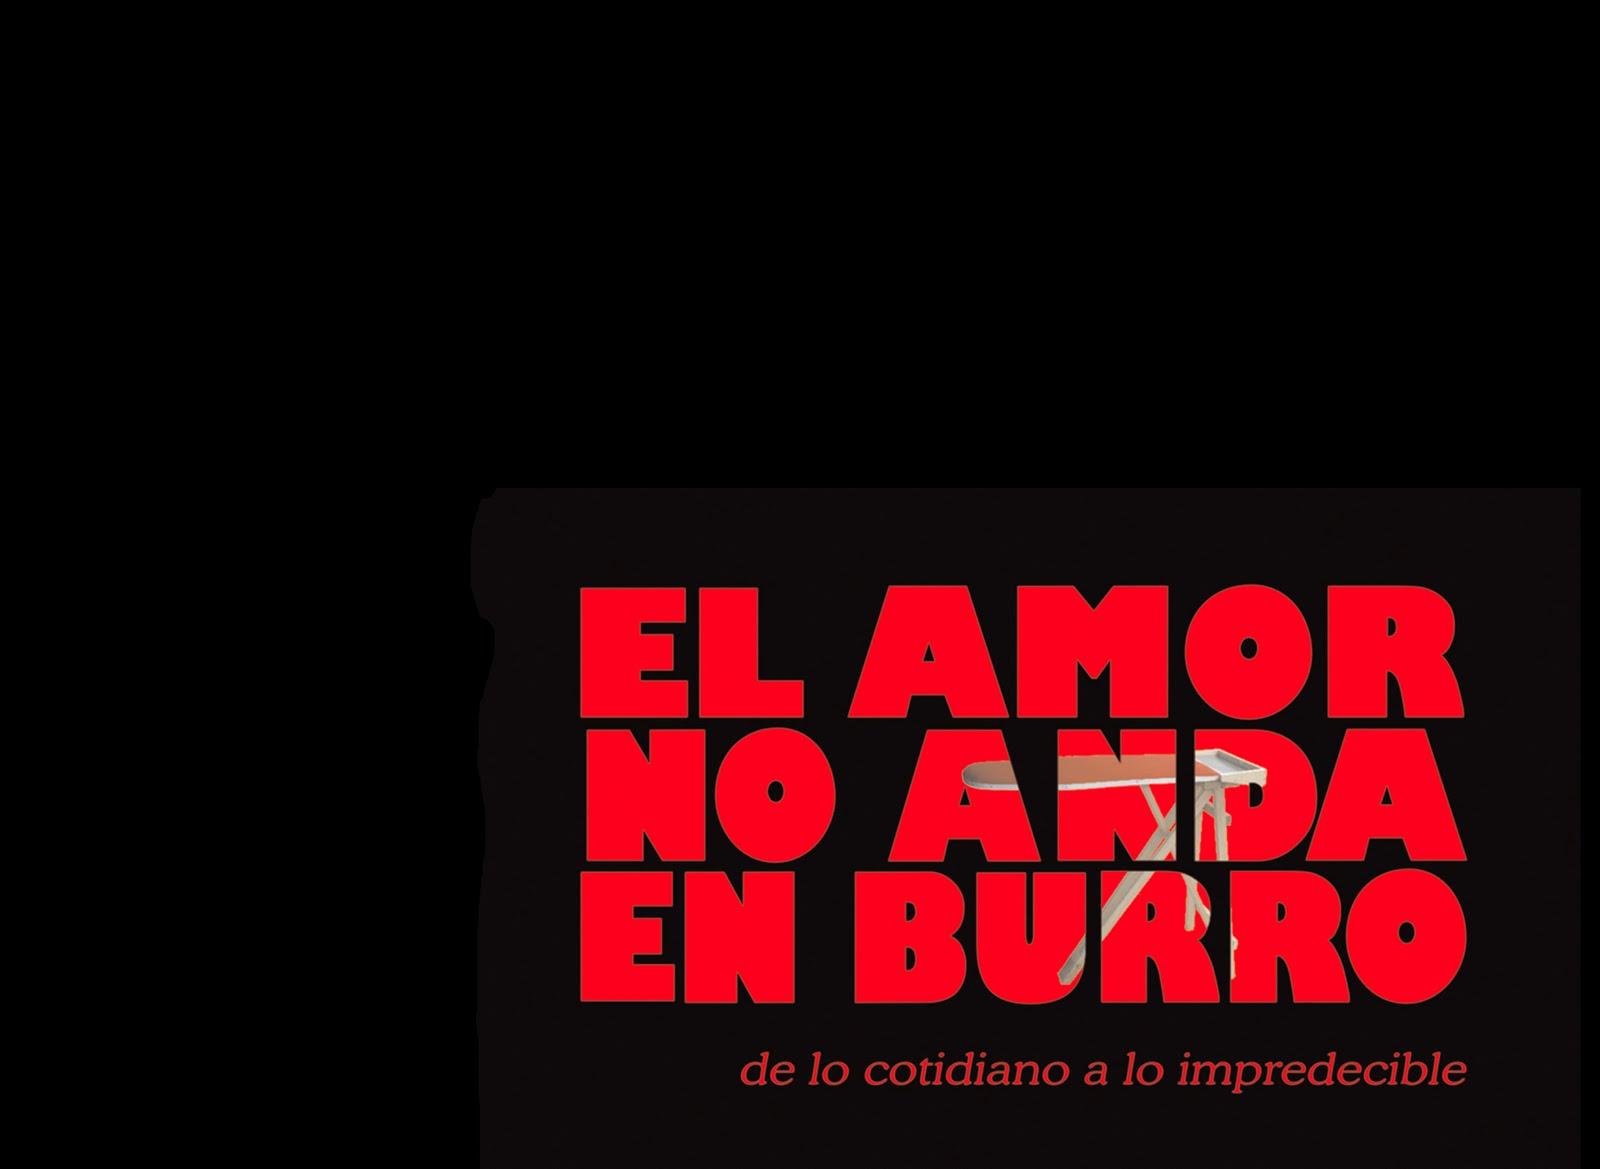 EL AMOR NO ANDA EN BURRO